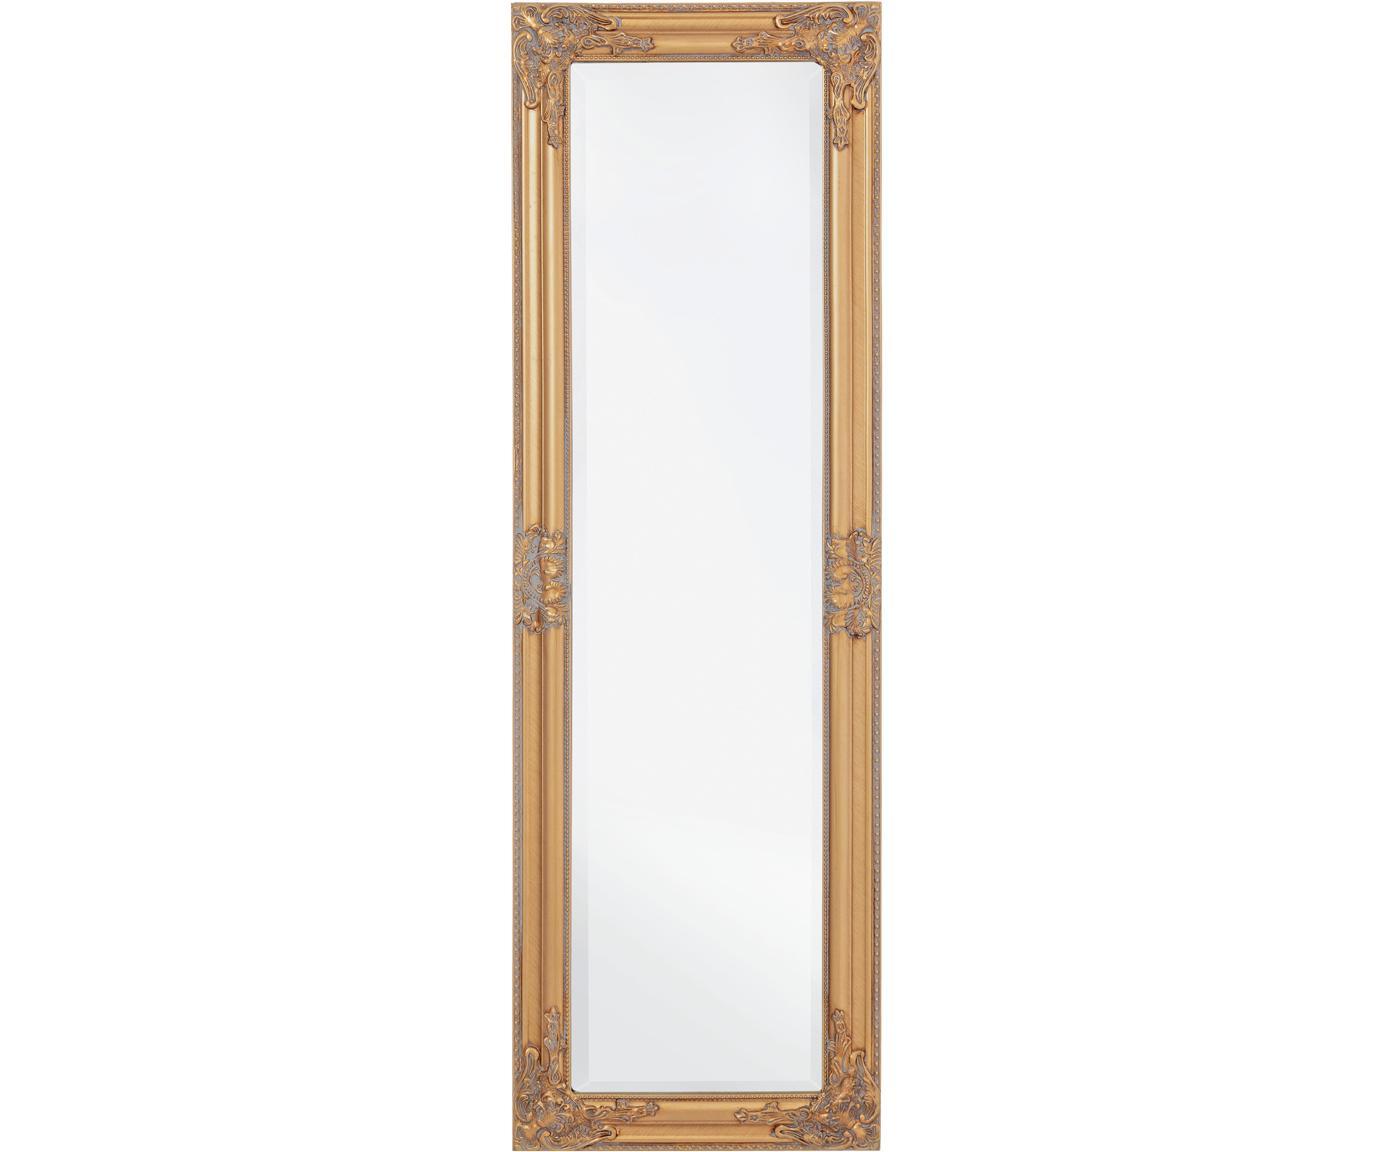 Wandspiegel Miro mit Holzrahmen in Gold, Rahmen: Holz, beschichtet, Spiegelfläche: Spiegelglas, Goldfarben, 42 x 132 cm